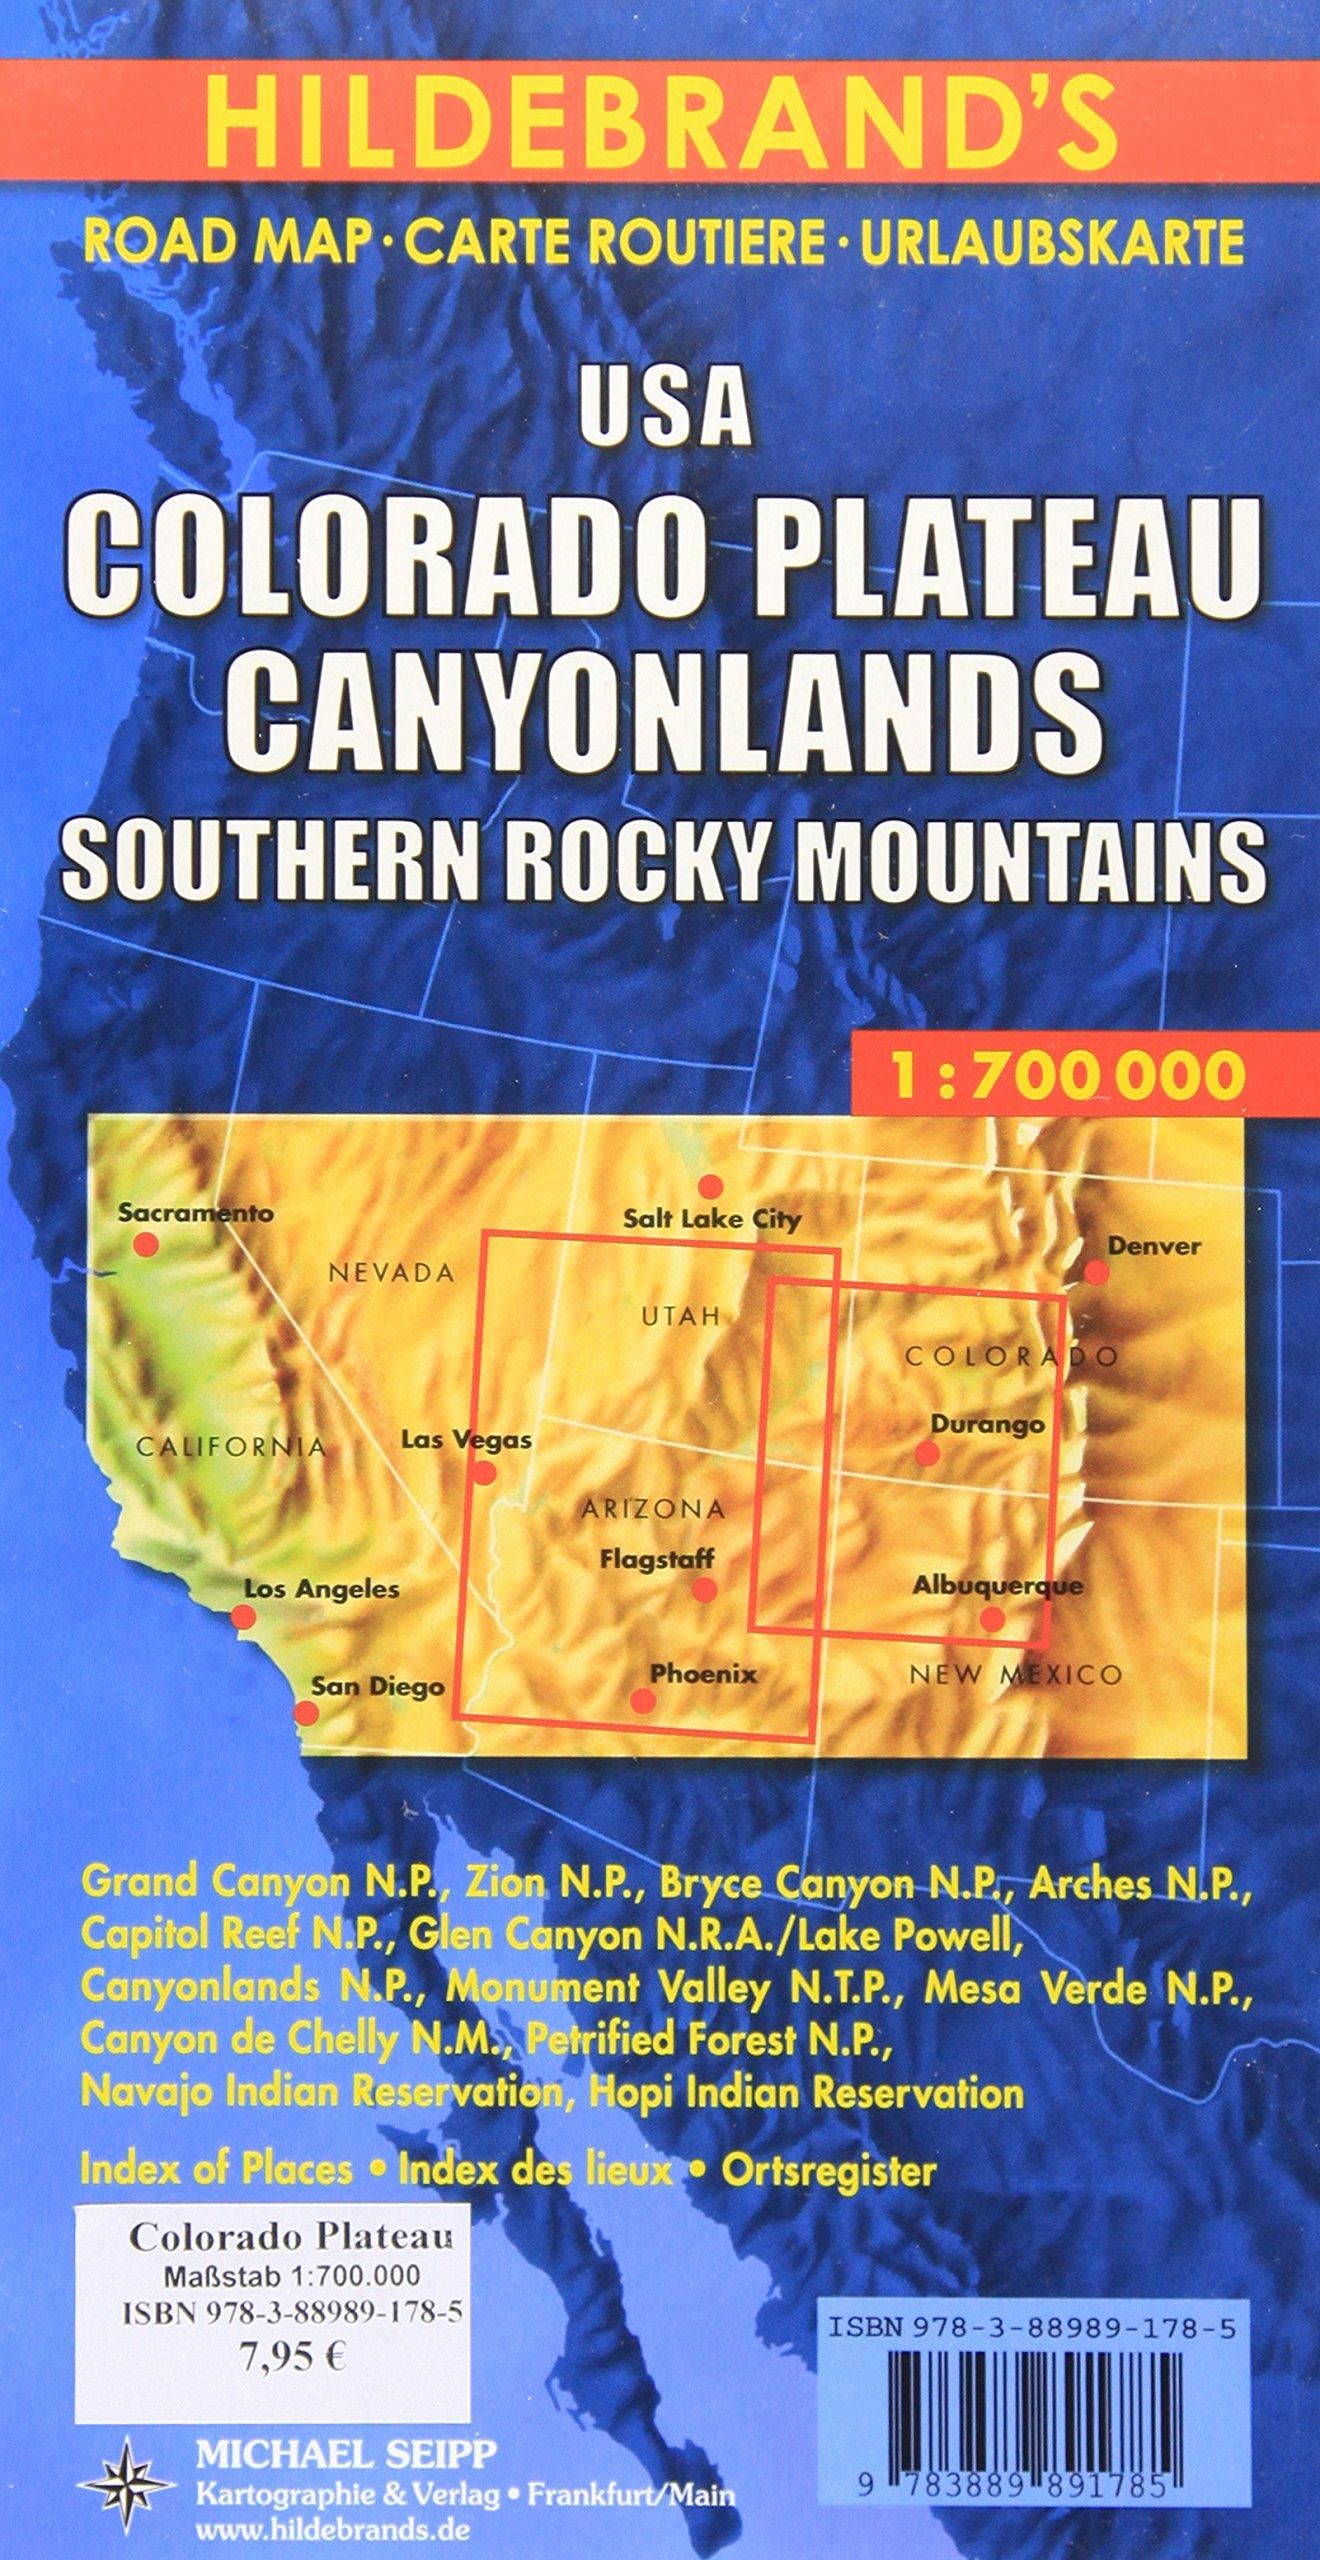 Hildebrand's Urlaubskarten, USA, Colorado Plateau, Canyonlands, Südliche Rocky Mountains (Hildebrand's USA maps)